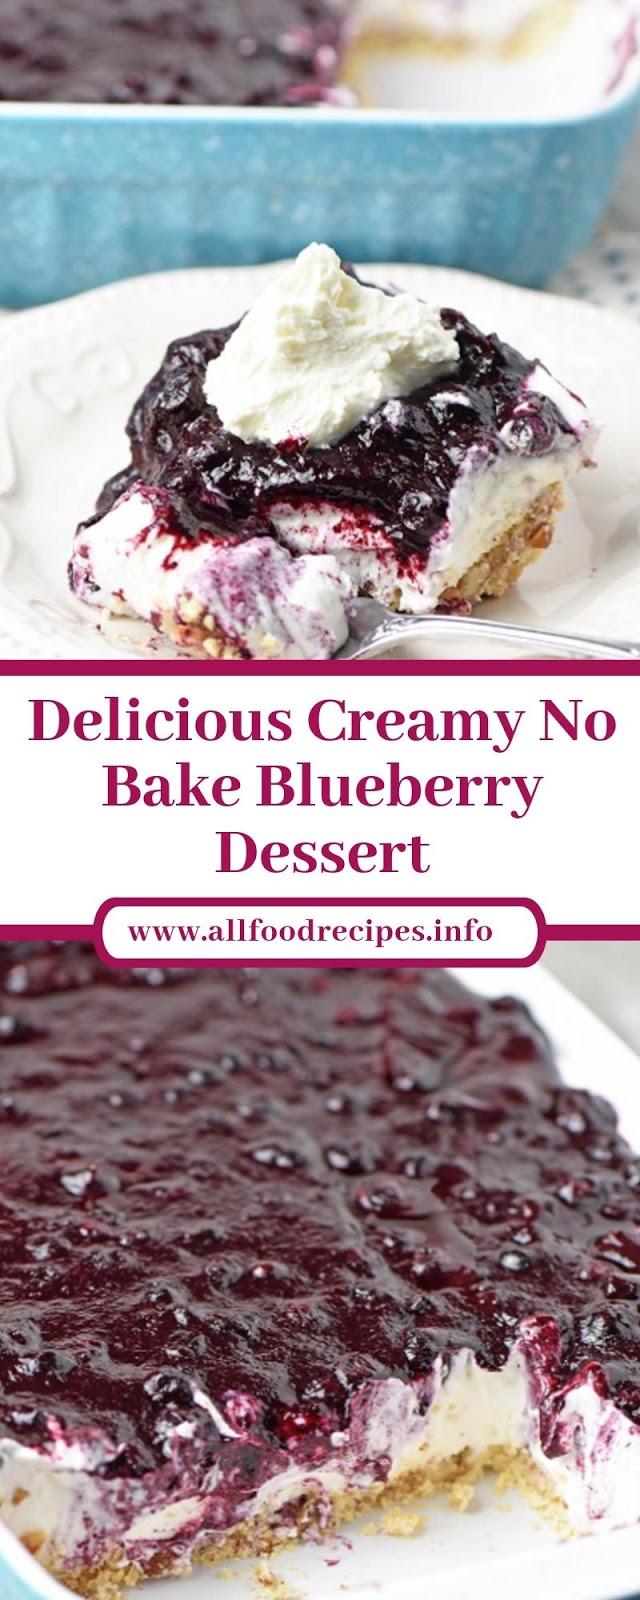 Delicious Creamy No Bake Blueberry Dessert